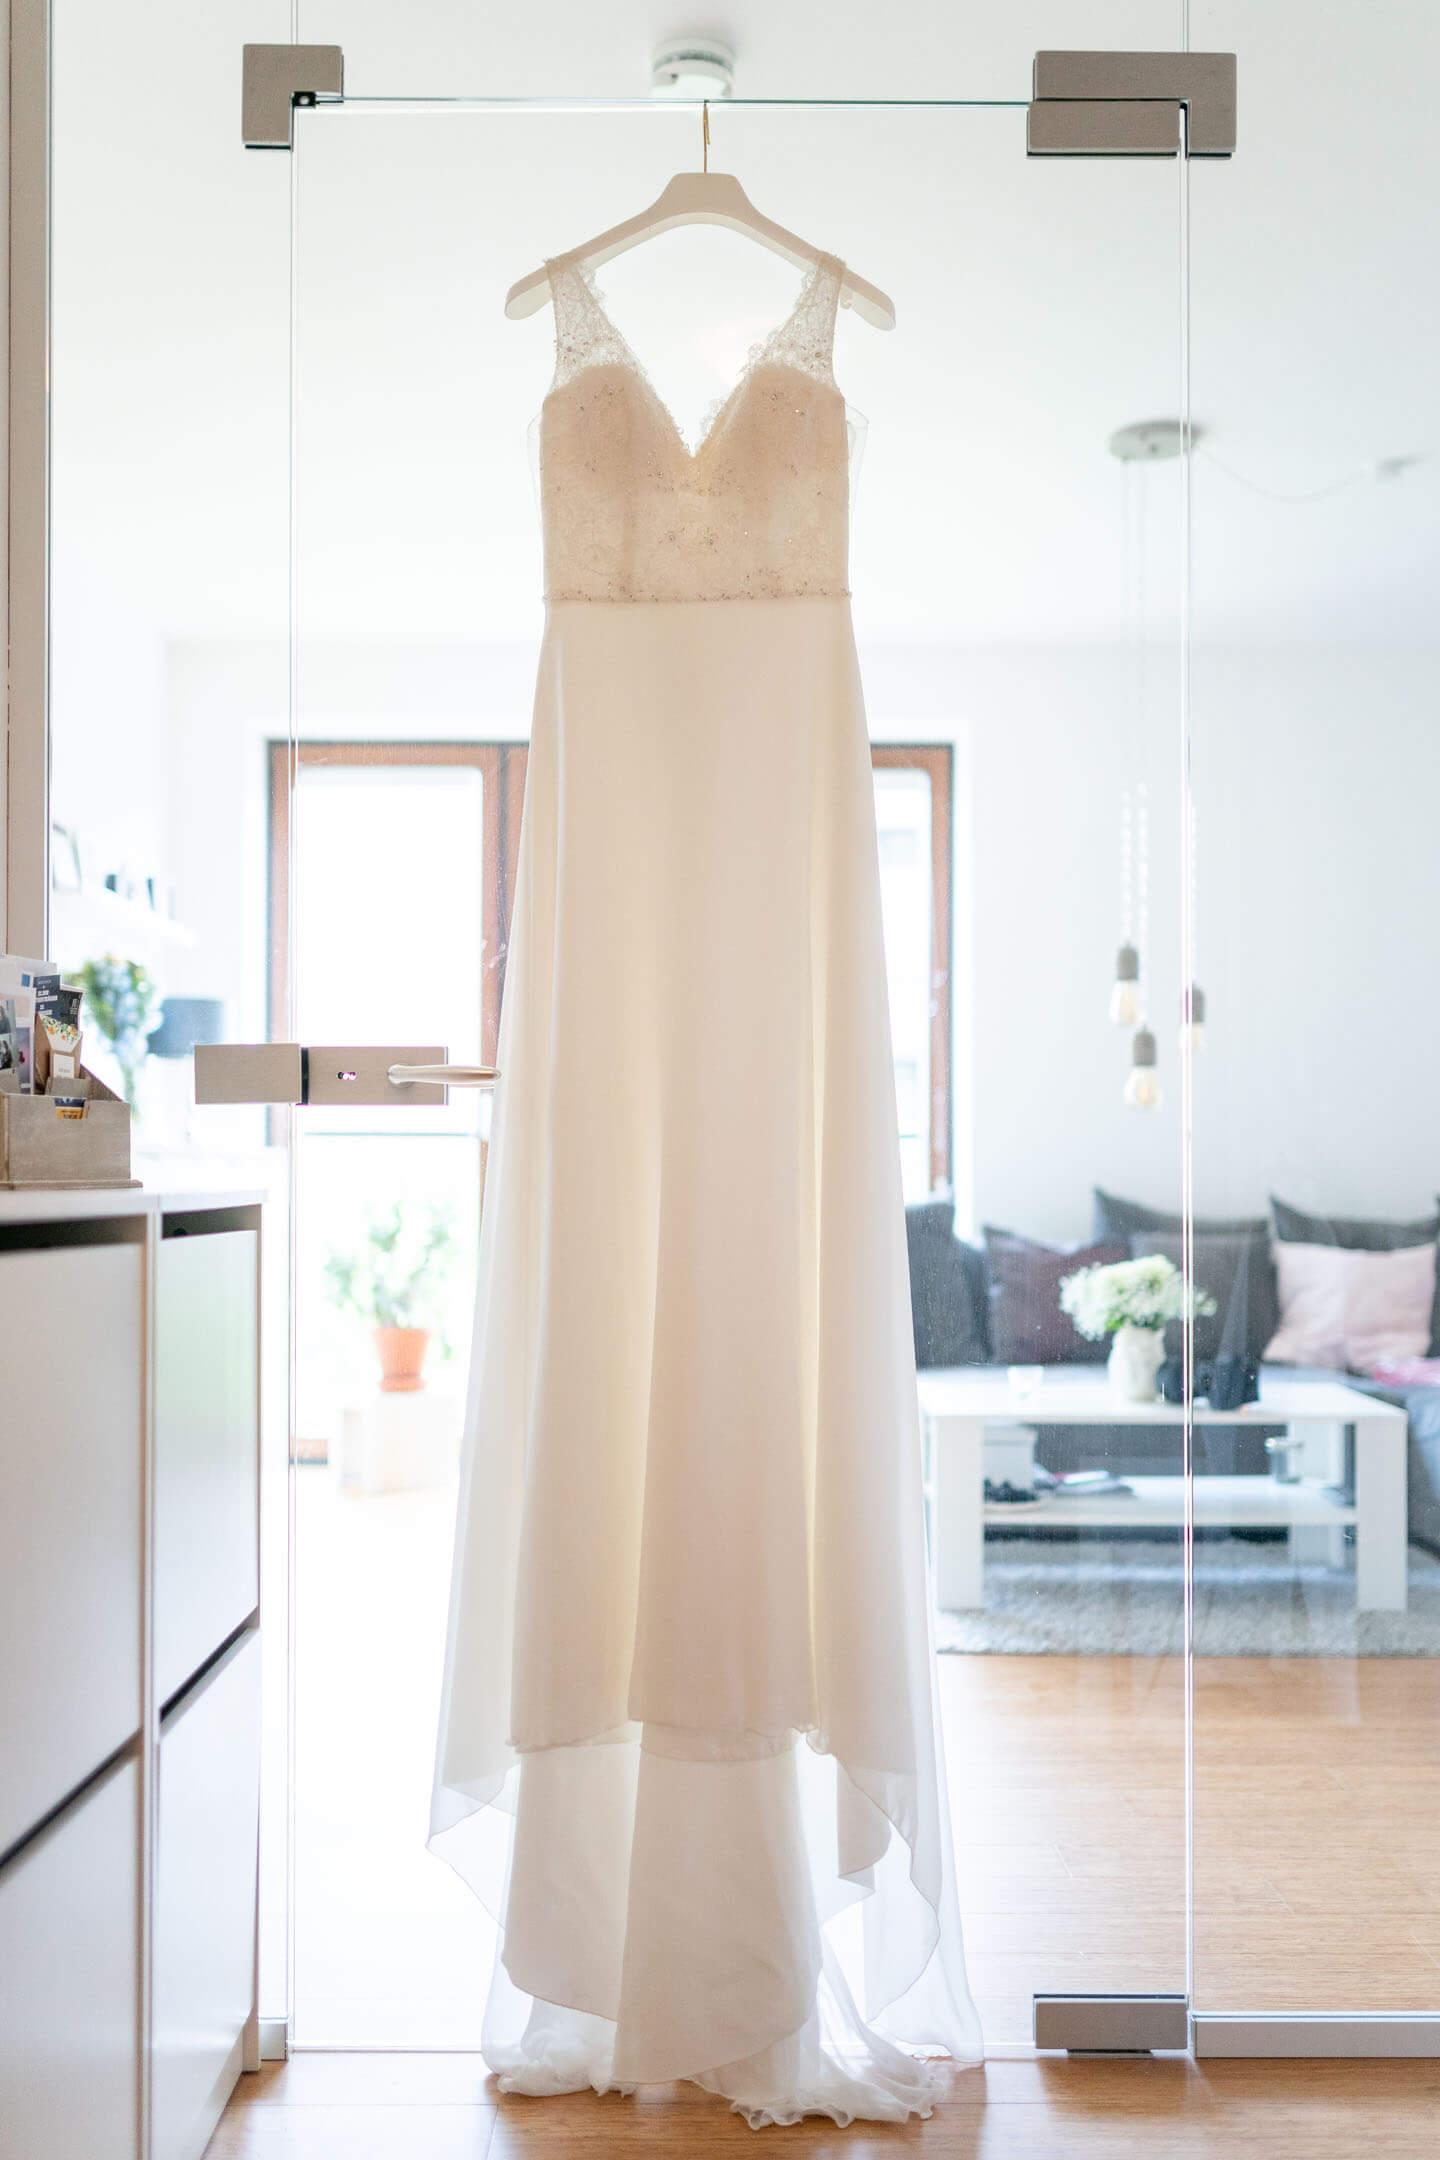 Brautkleid im Gegenlicht.